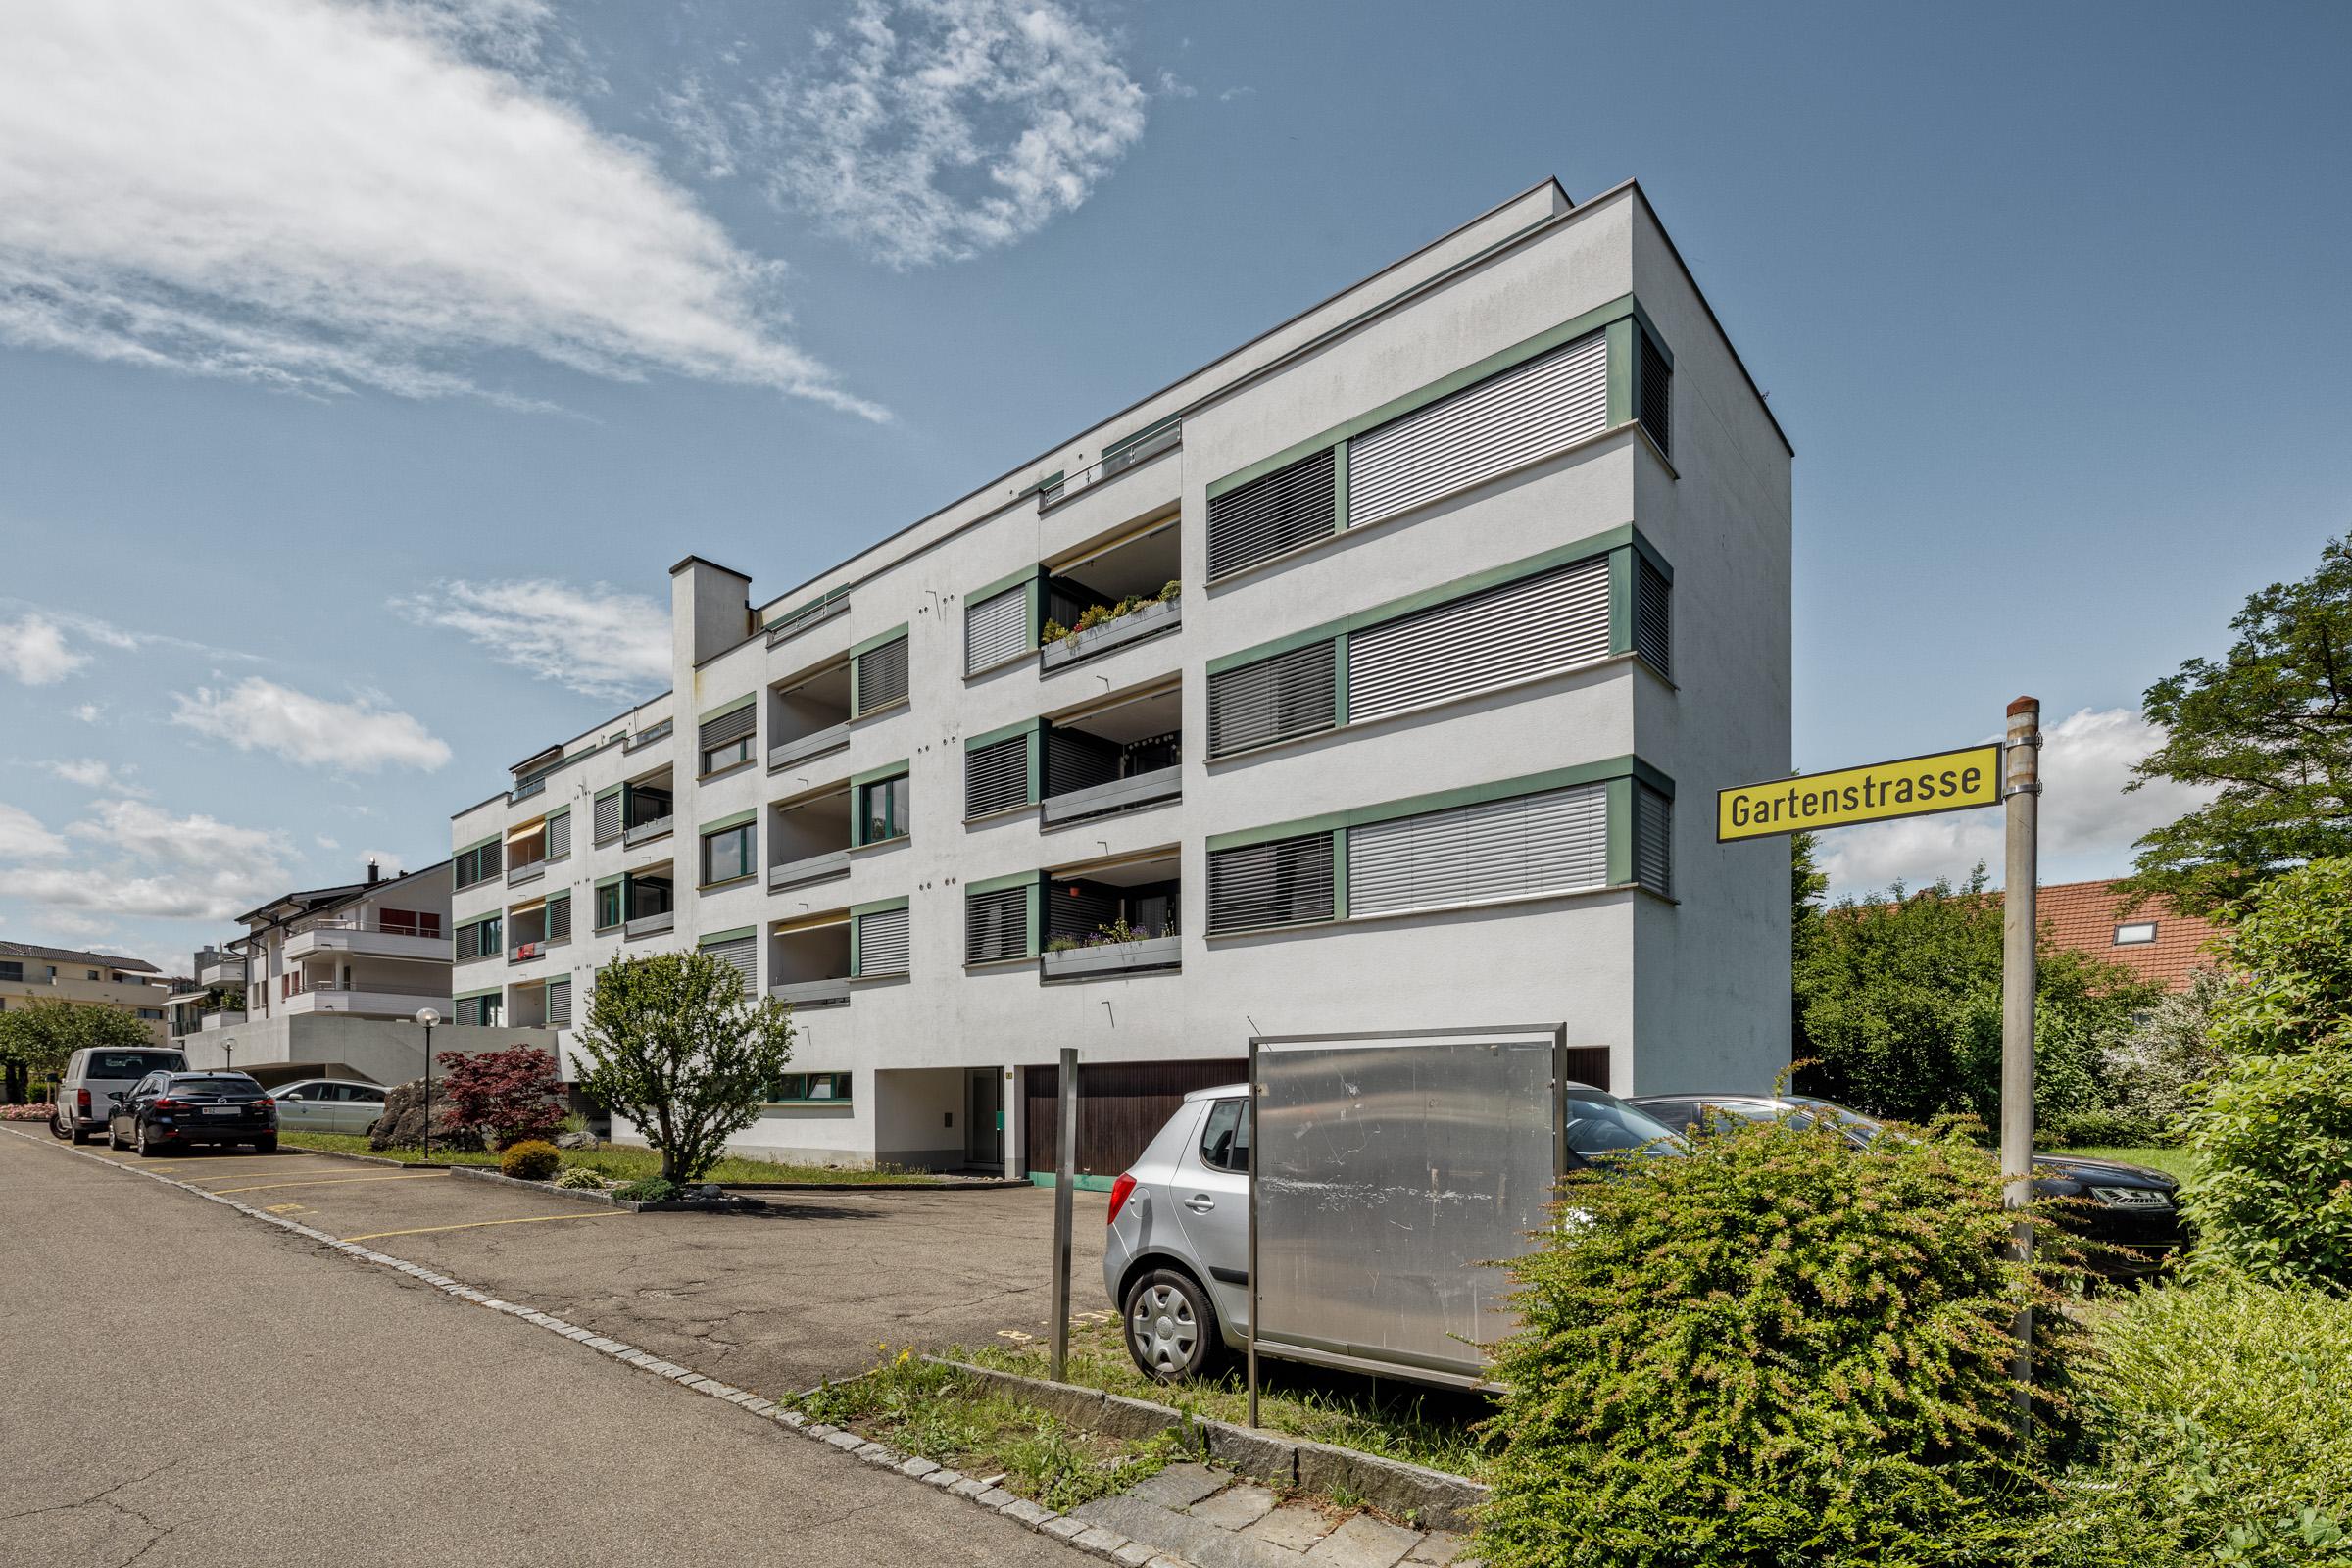 19-117 - Bruppacher Verwaltungs AG - Gartenstrasse 4+6 Freienbach--22.jpg